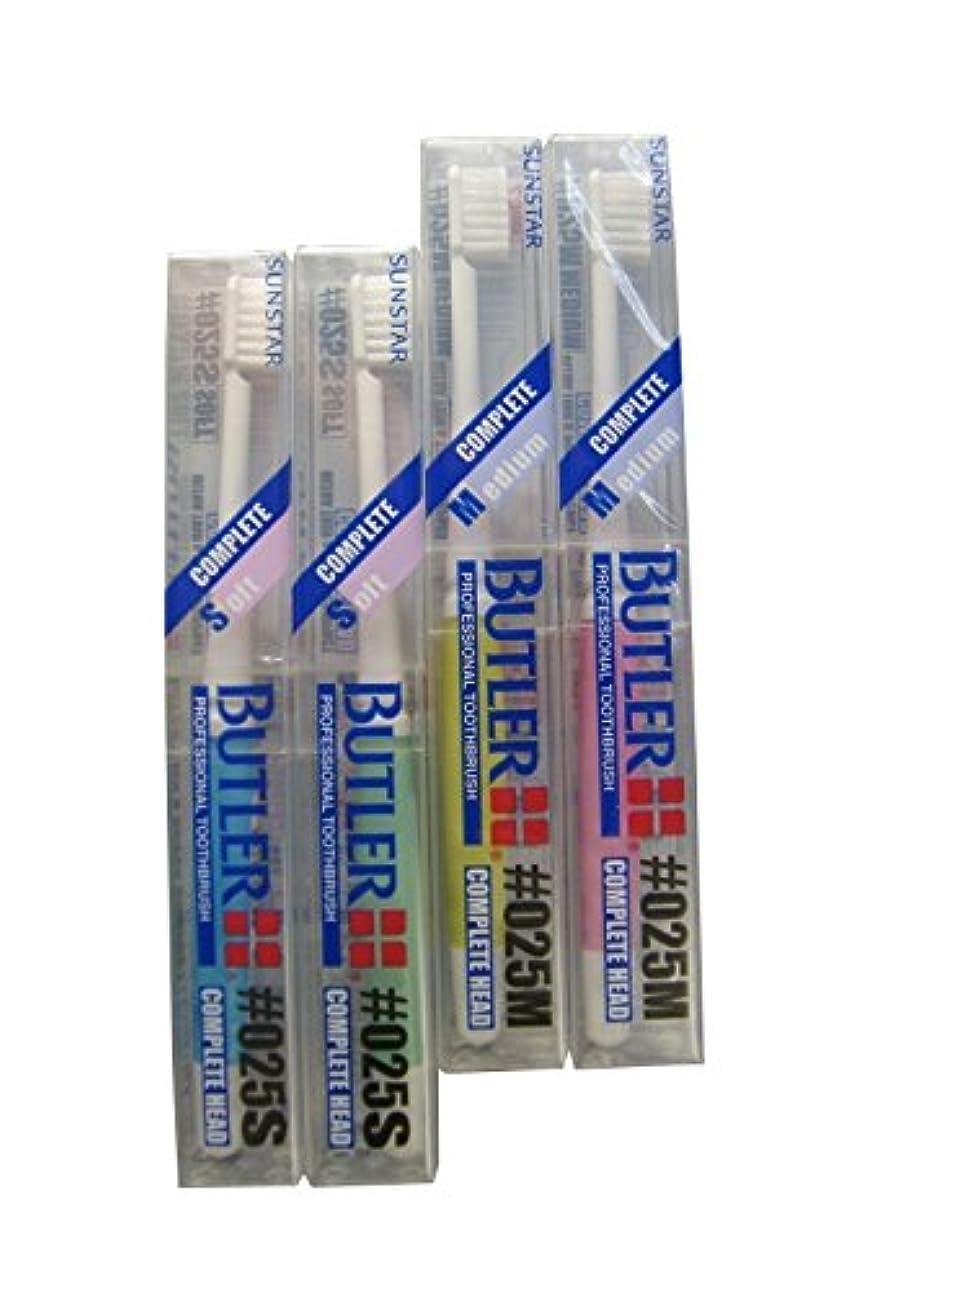 予想外放牧するプレート12本 サンスター バトラー 歯ブラシ #025S/#025M (M(ミディアム))